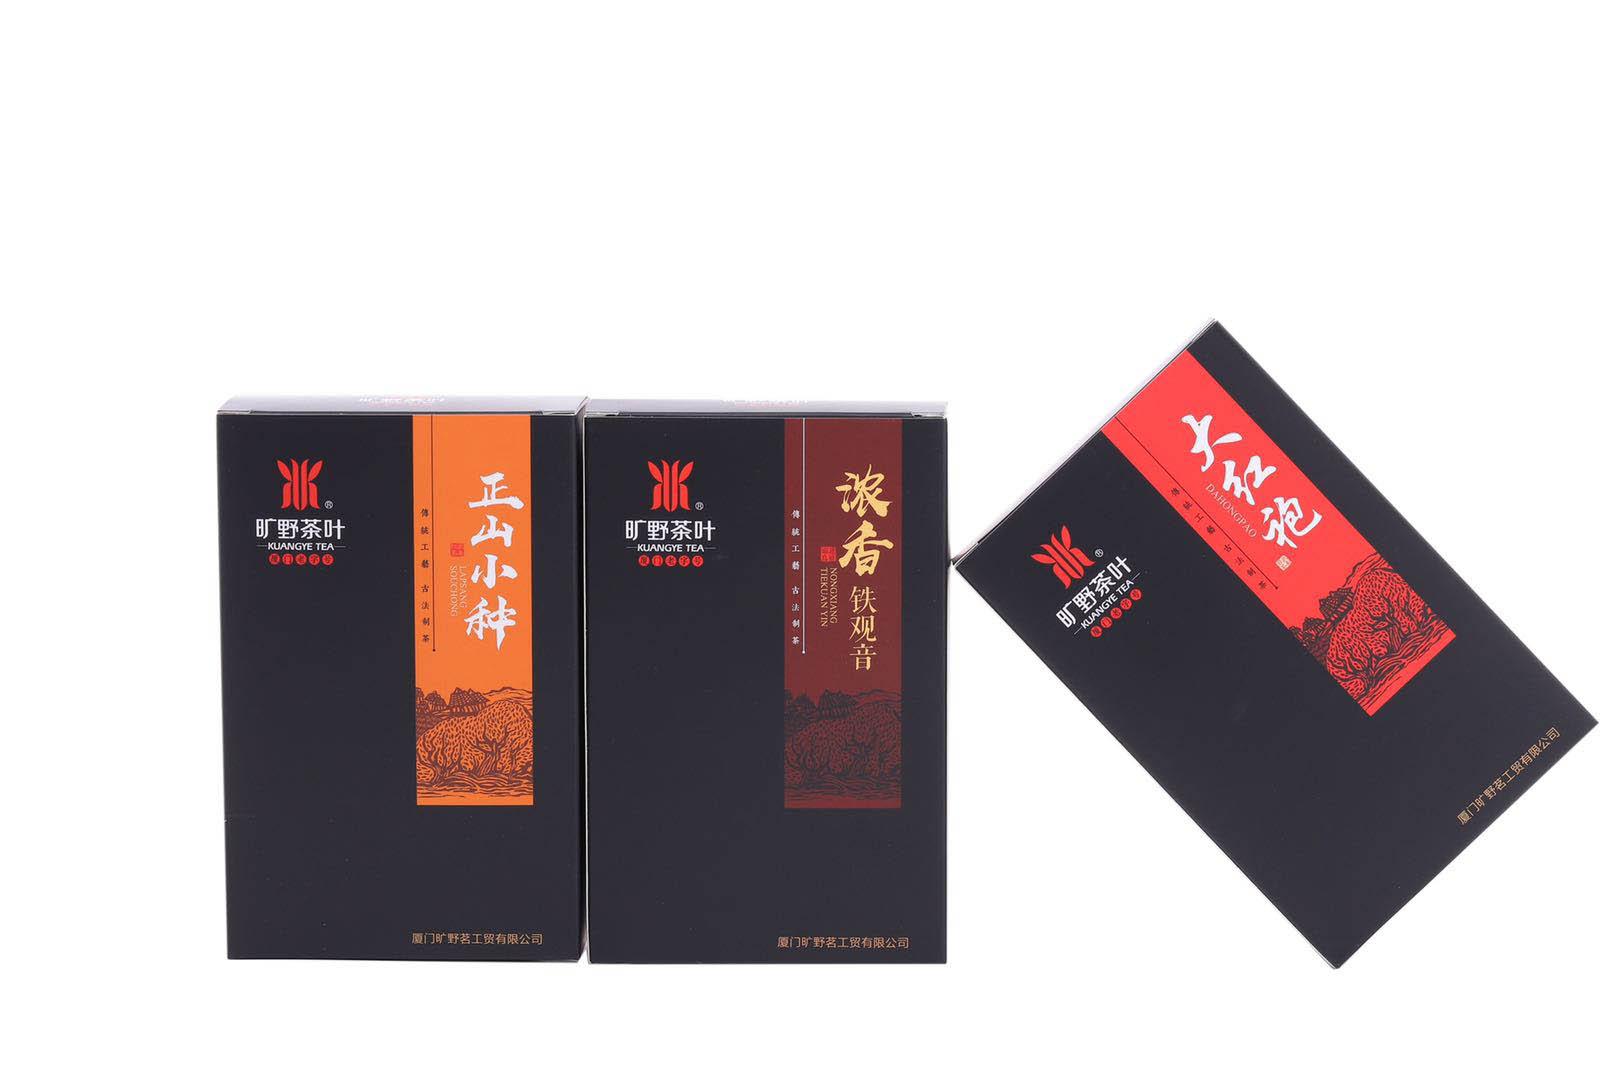 武夷山紅茶正山小種茶葉,正山小種